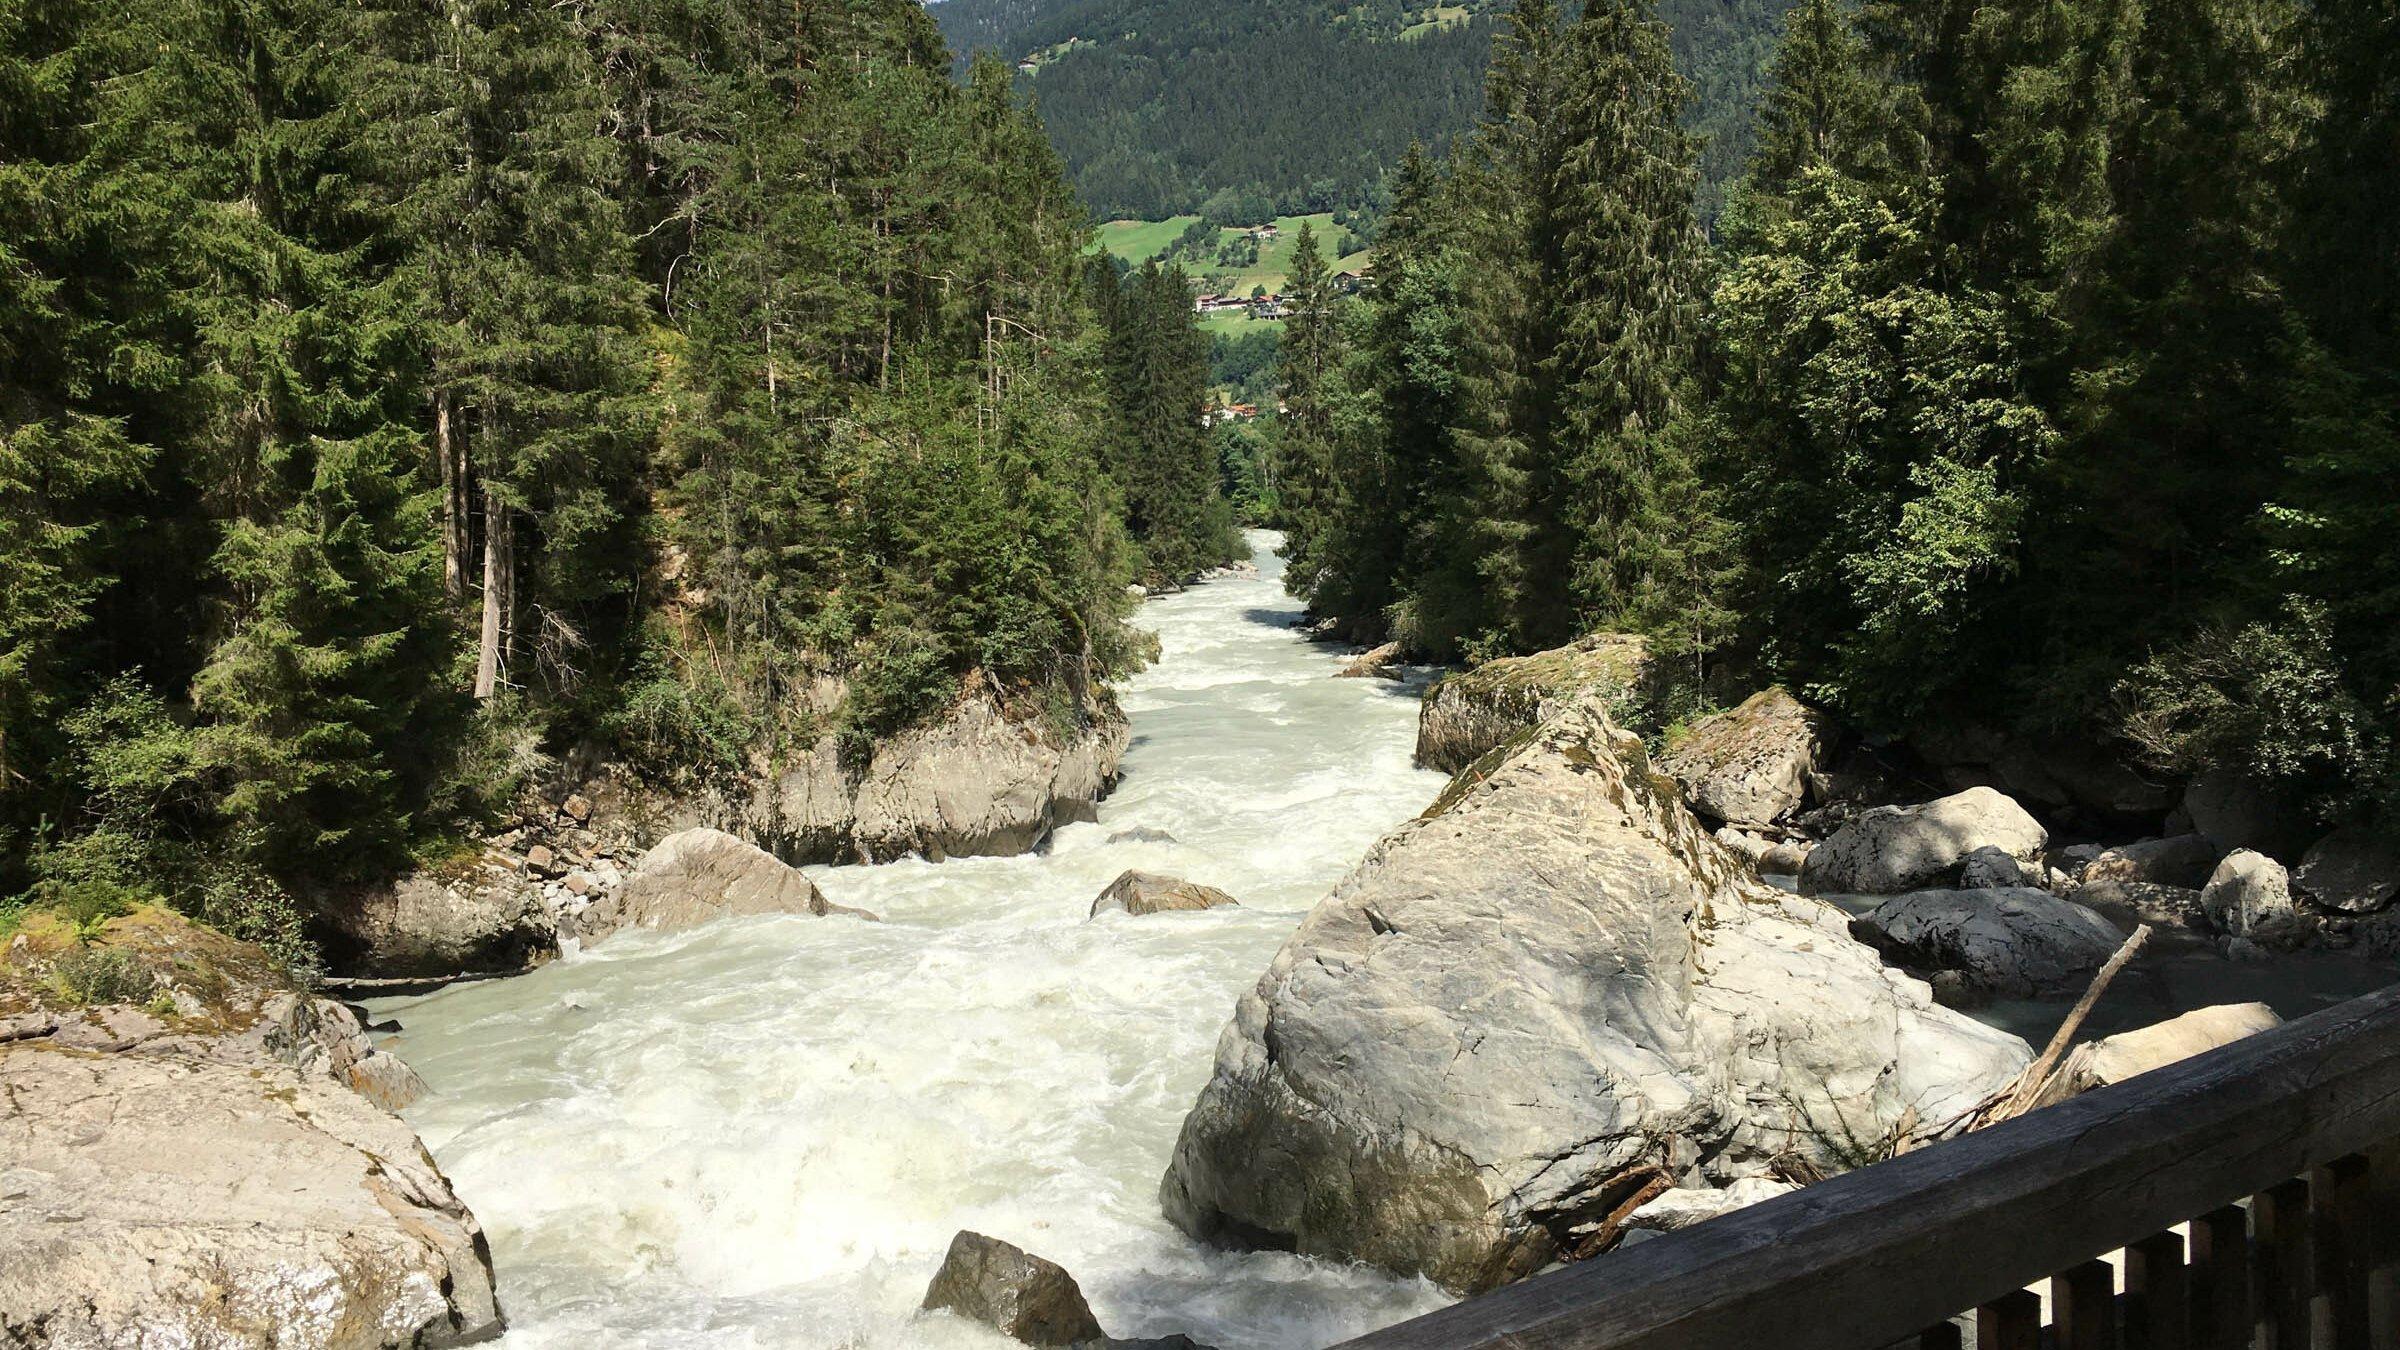 Weiß schäumender Gebirgsbach fließt zwischen großen Nadelbäumen, im Hintergrund ein grüner Berg.